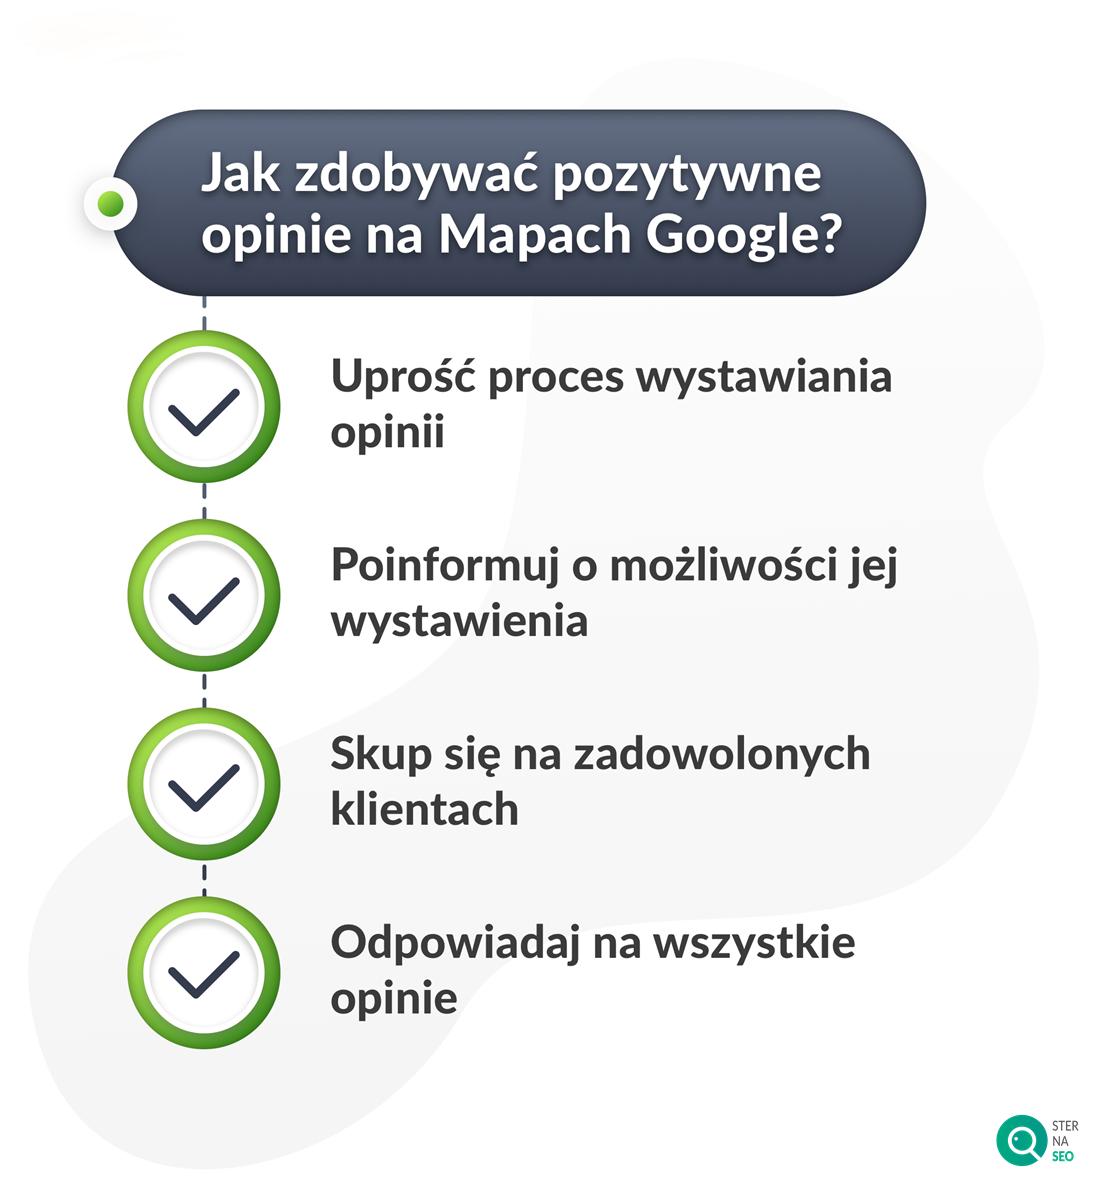 Jak zdobywaćpozytywne opinie na Mapach Google